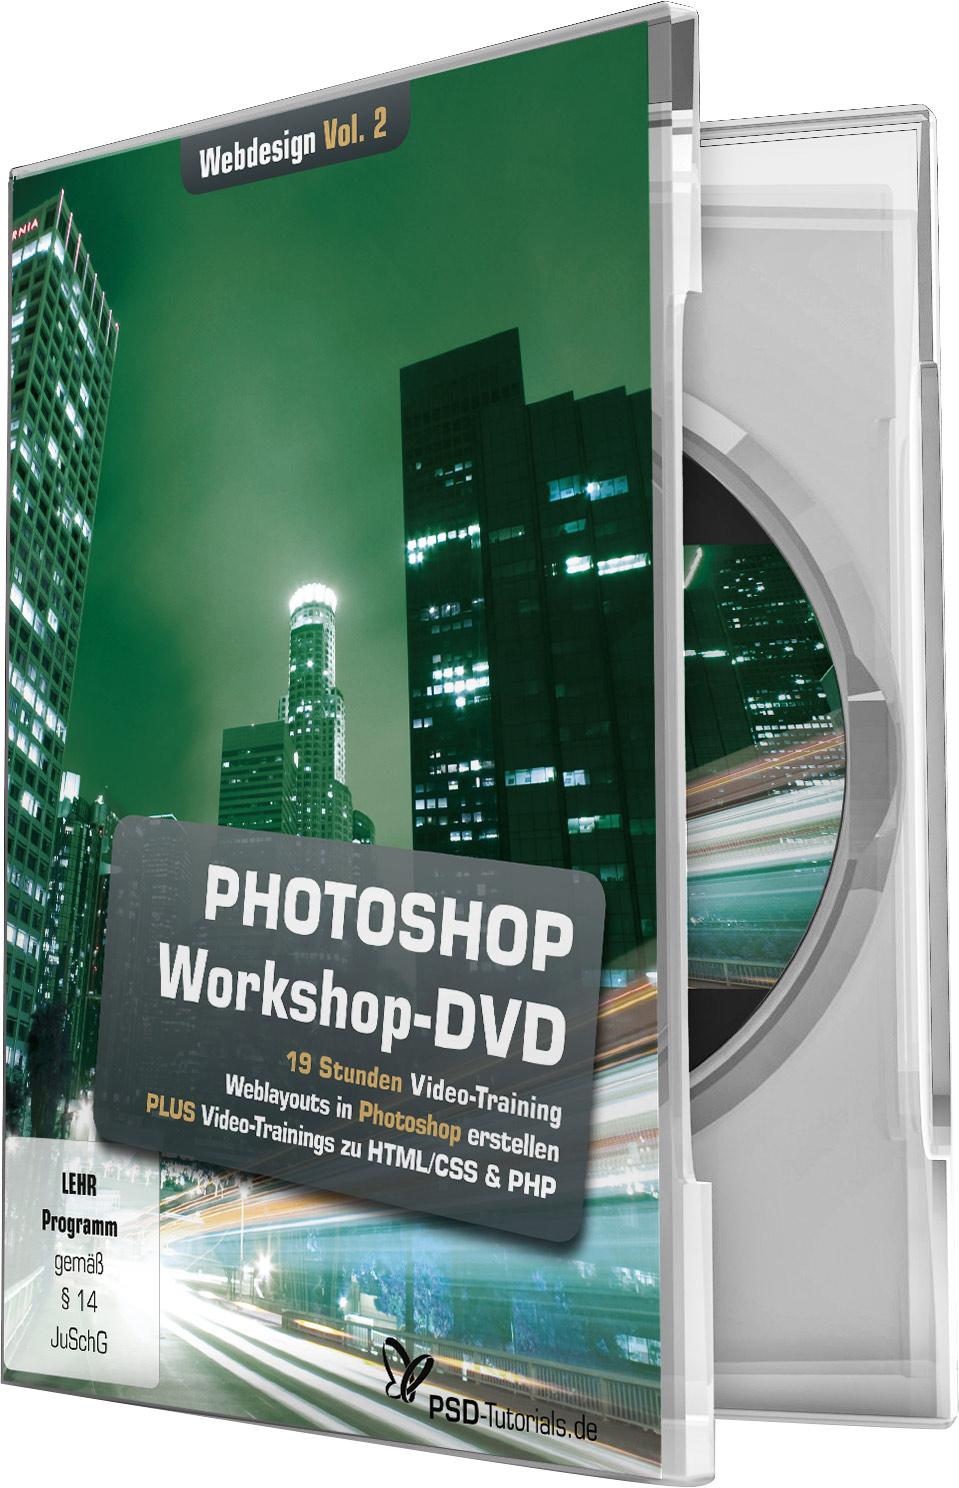 photoshop workshop dvd webdesign vol 2 psd shop. Black Bedroom Furniture Sets. Home Design Ideas